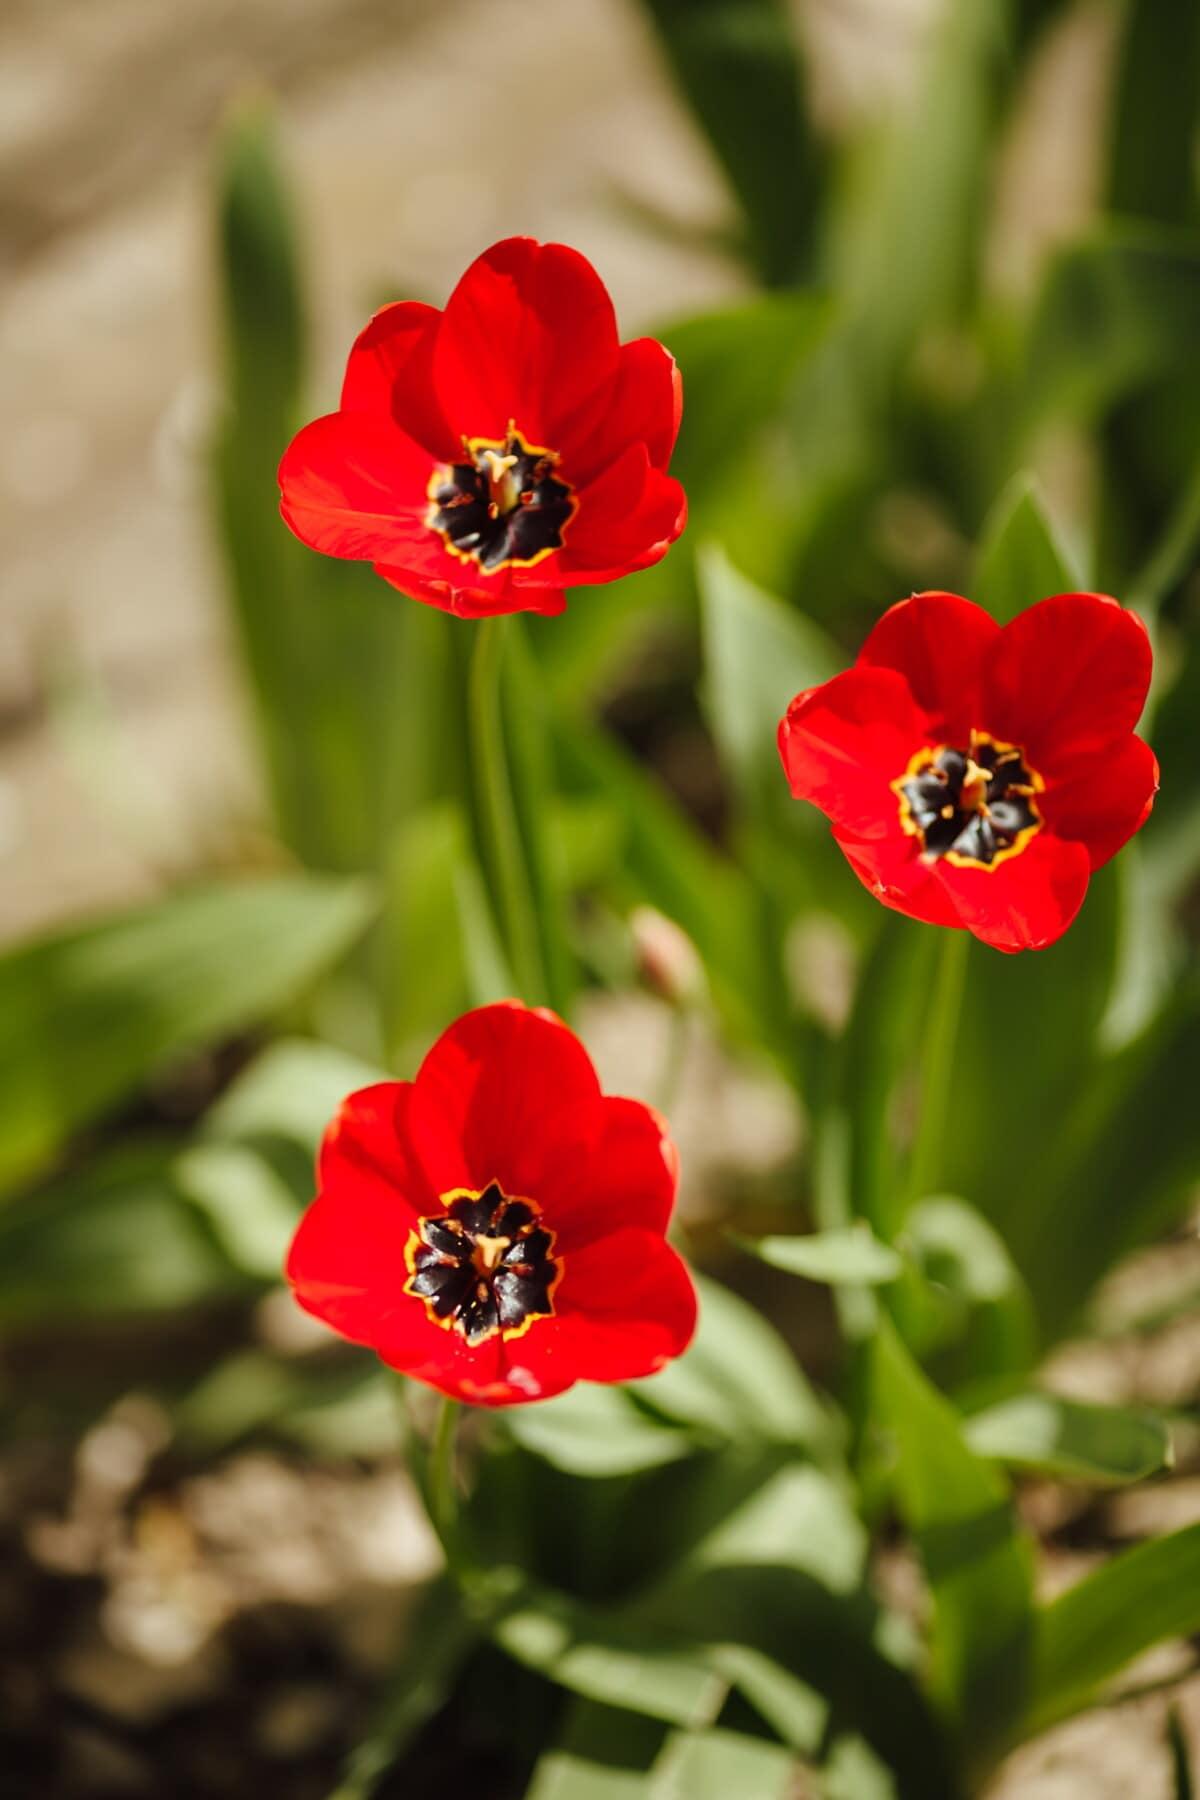 tulipes, horticulture, jardin fleuri, printemps, pétales, rougeâtre, ensoleillée, beau temps, flore, plante